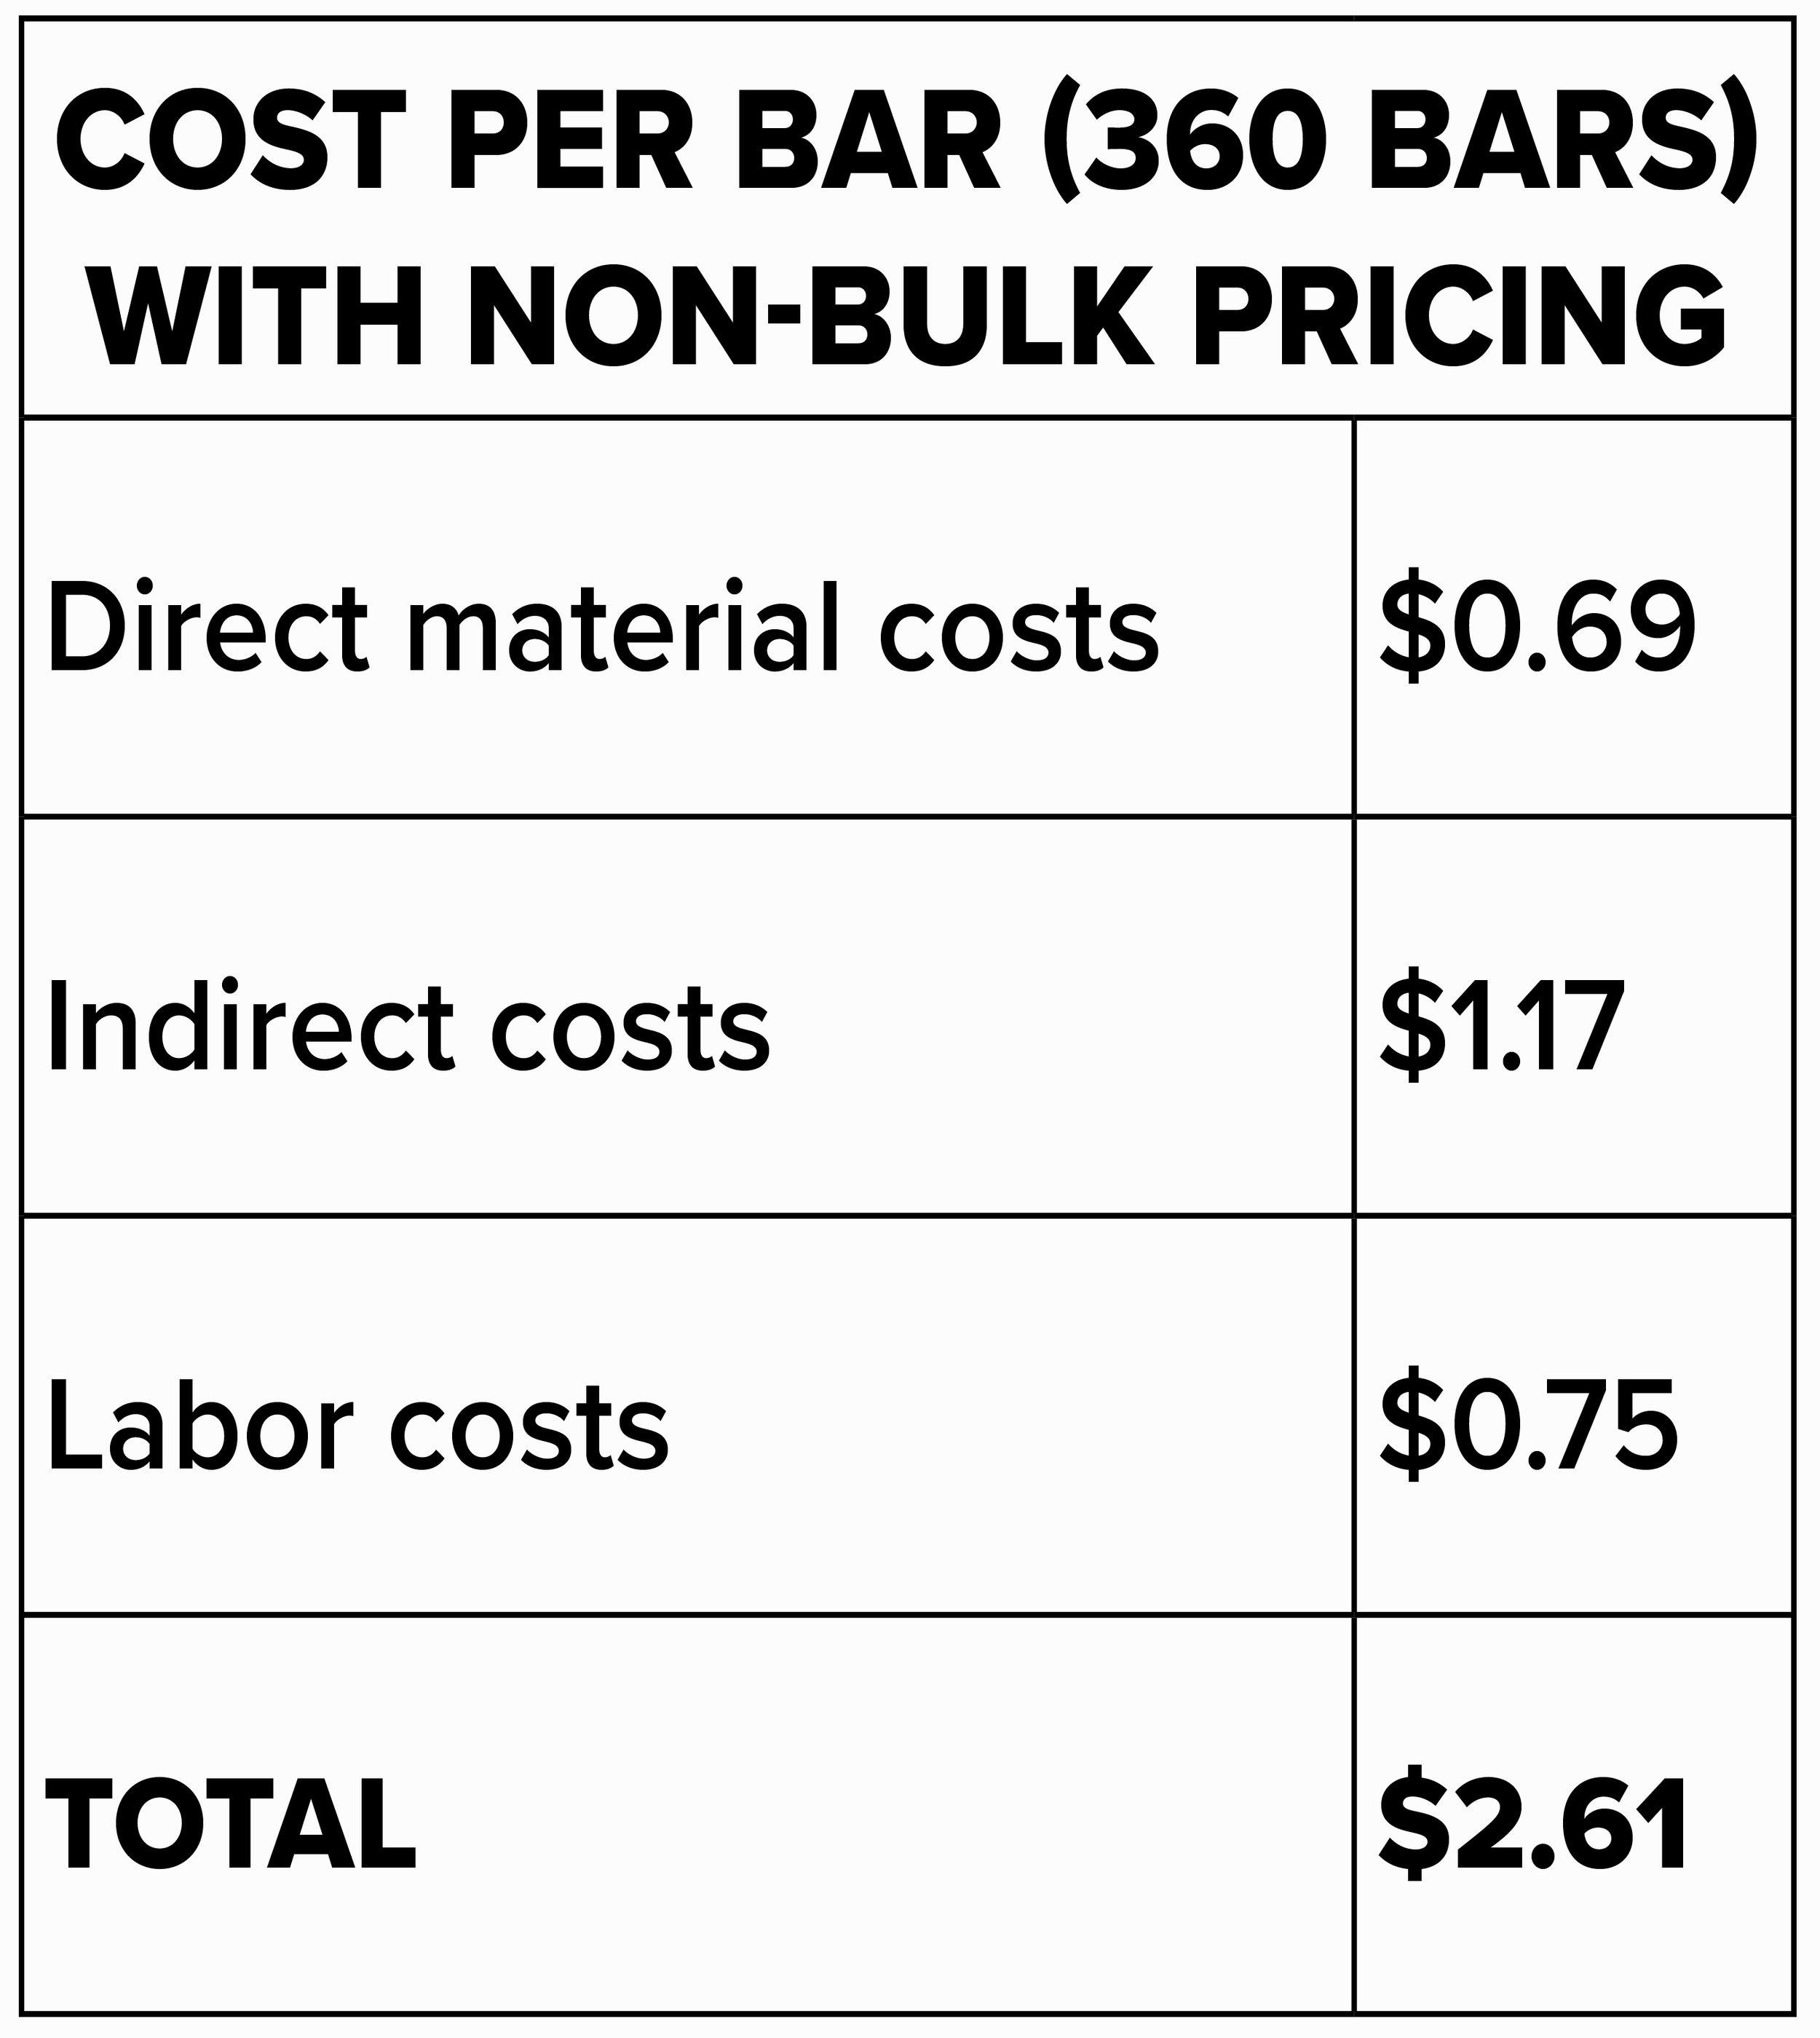 cost per bar 360 BB.jpg